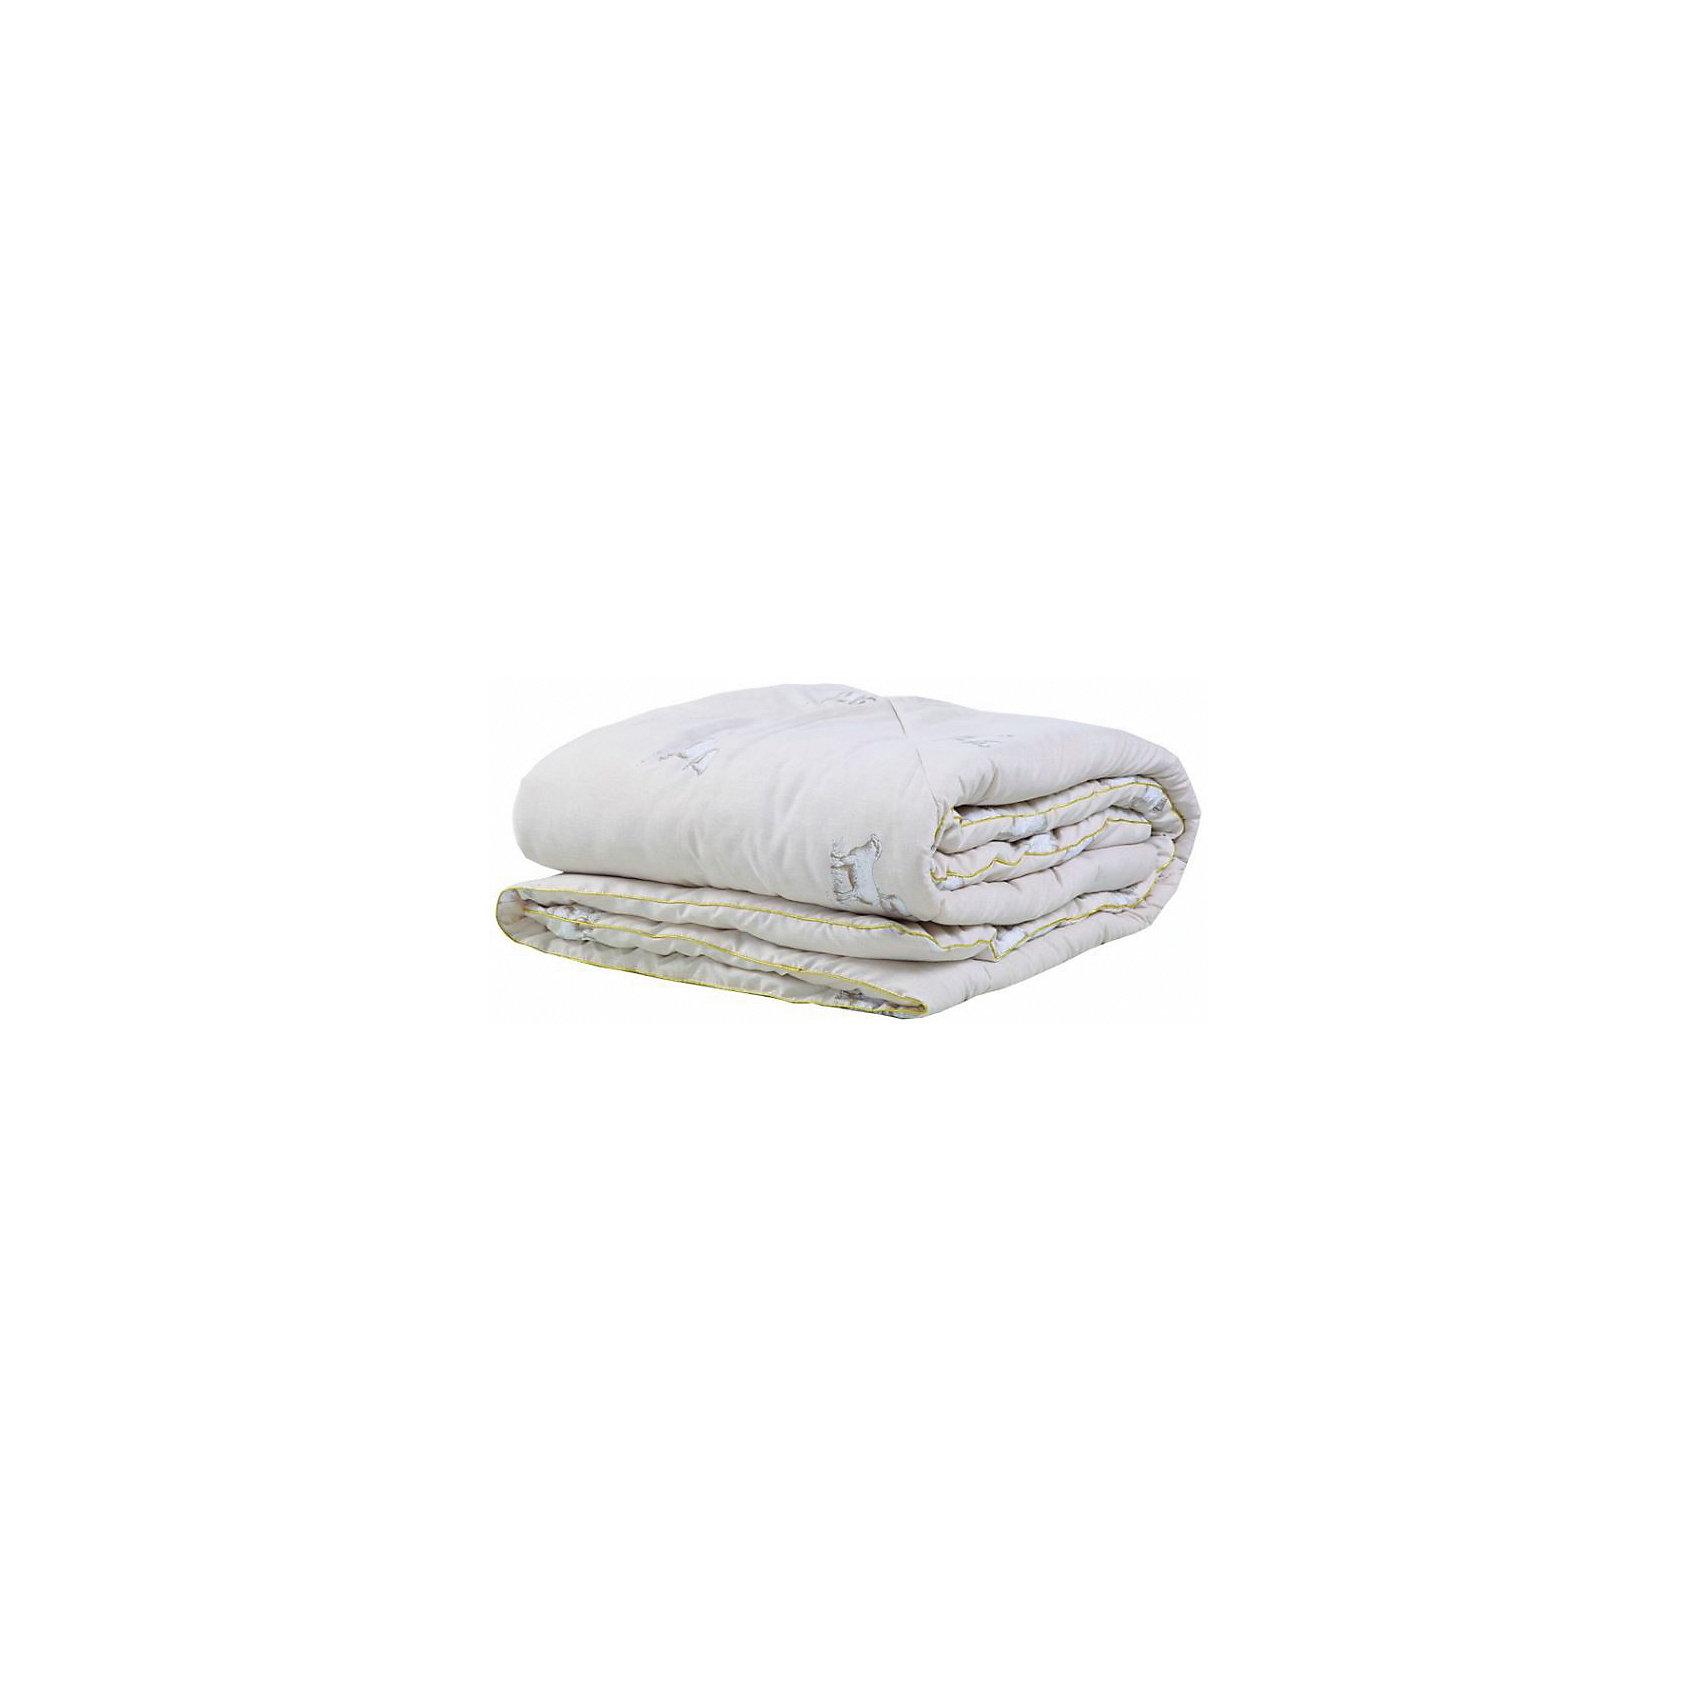 Одеяло 1.5сп Овечья шерсть 140*205 искусственный тик, Mona LizaХарактеристики:<br><br>• Вид домашнего текстиля: одеяло<br>• Серия: Mona Liza Premium<br>• Сезон: круглый год<br>• Материал чехла: полиэстер, 100% <br>• Наполнитель: 30% верблюжья шерсть, 70% силиконизированное полотно<br>• Цвет: молочный<br>• Размеры (Д*Ш): 105*140 см <br>• Тип упаковки: полиэтиленовая сумка с ручками<br>• Вес в упаковке: 1 кг 200 г<br>• Особенности ухода: машинная стирка при температуре 30 градусов<br><br>Одеяло 1.5сп Овечья шерсть 140*205 искусственный тик, Mona Liza изготовлено под отечественным торговым брендом, выпускающим постельные принадлежности из натуральных тканей и качественных наполнителей. Одеяло выполнено из синтетического тика, отличающегося гладкой, но не скользящей поверхностью прочного полотна. В качестве наполнителя использовано сочетание верблюжей шерсти и силиконизированного волокна, такое сочетание обеспечивает повышенную терморегуляцию,  длительное время сохраняет объем и форму. Плотность наполнителя одеяла составляет 200 г/м2, что делает его особенно теплым, но при этом легким по весу. <br>Одеяло 1.5сп Овечья шерсть 140*205 искусственный тик, Mona Liza – домашний текстиль, соответствующий международным стандартам качества и безопасности!<br><br>Одеяло 1.5сп Овечья шерсть 140*205 искусственный тик, Mona Liza можно купить в нашем интернет-магазине.<br><br>Ширина мм: 540<br>Глубина мм: 160<br>Высота мм: 460<br>Вес г: 1400<br>Возраст от месяцев: 84<br>Возраст до месяцев: 216<br>Пол: Унисекс<br>Возраст: Детский<br>SKU: 5165700